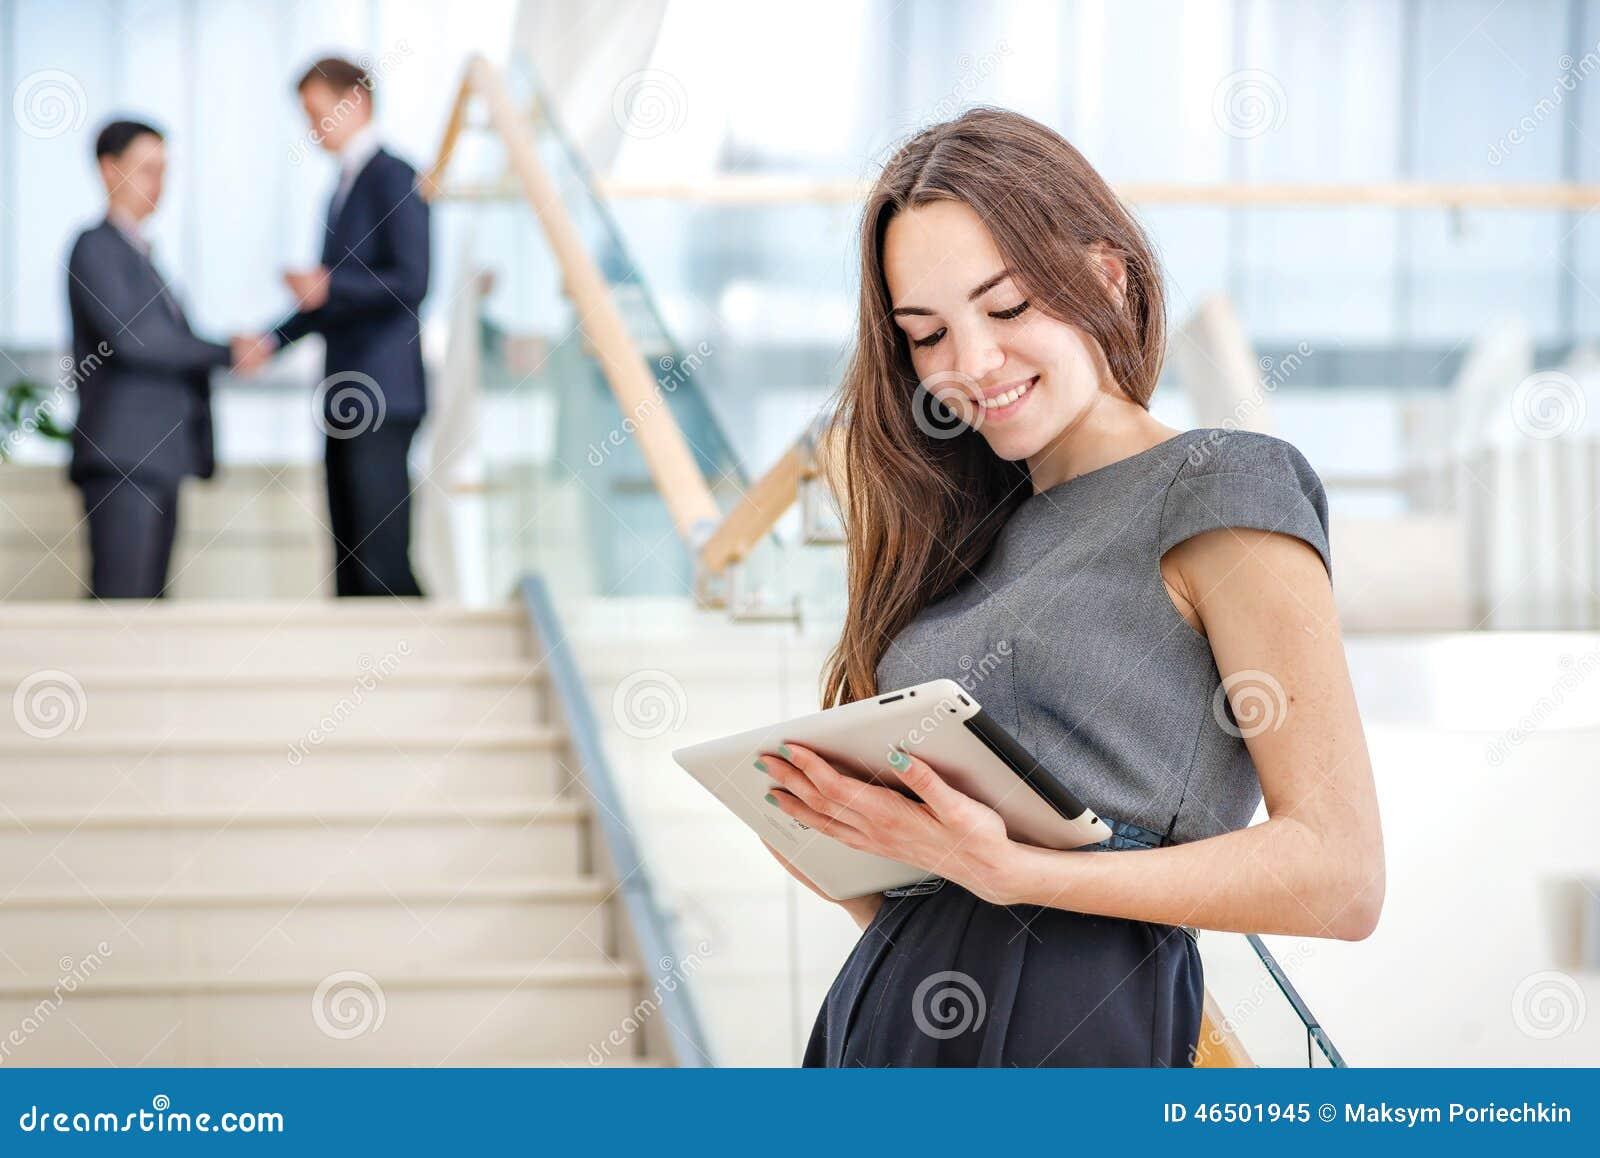 работа или любимая девушка